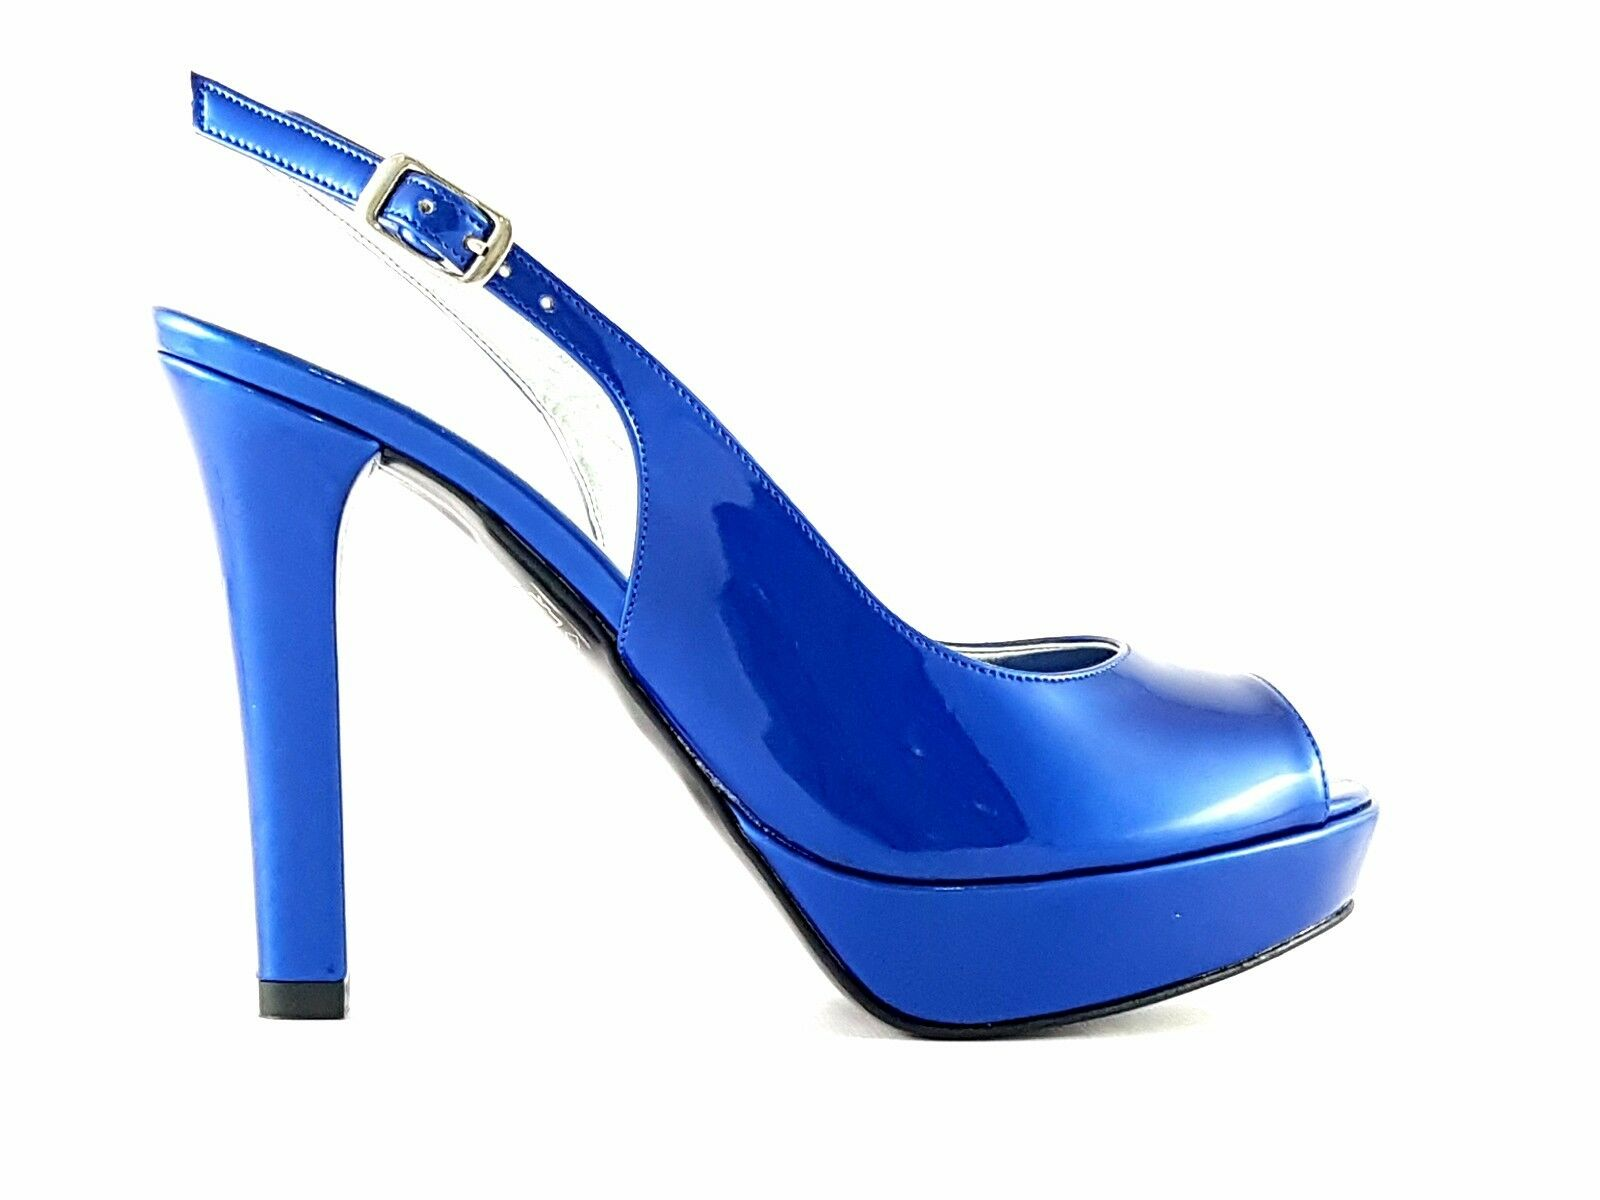 Descuento por tiempo limitado JOEL  A94  sandalo donna - vernice col.: blu, acqua marina - made in Italy